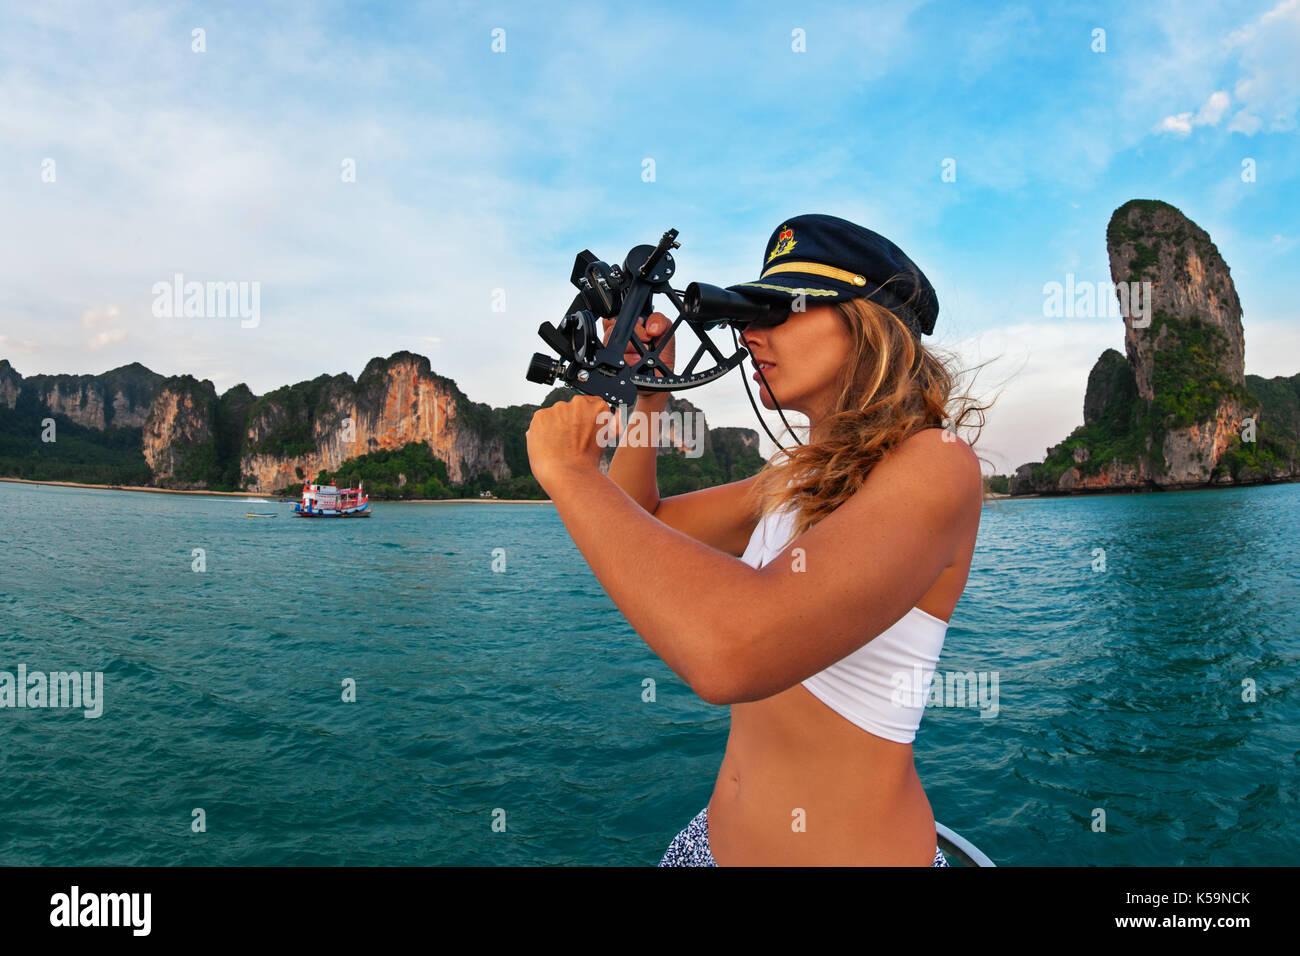 Mujer joven capitán en la tapa en la cubierta del yate de vela teniendo vista en sextante para medir la altura en posición de barco mar tropical en verano de crucero. Imagen De Stock